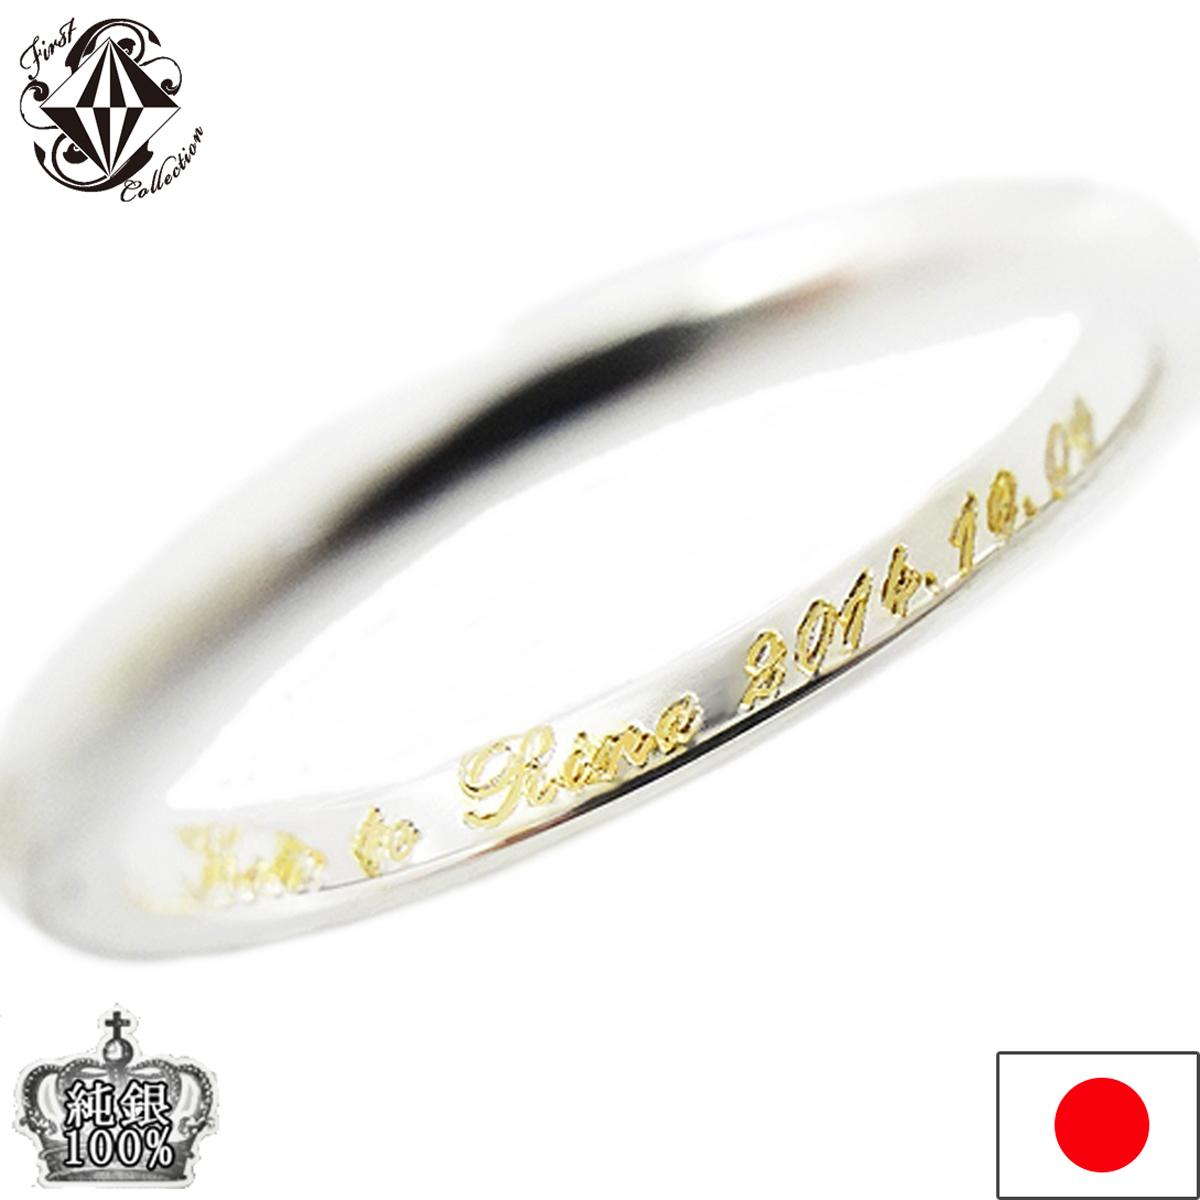 純銀 指輪 金文字タイプ SV1000 甲丸 シンプル ファランジリング ミディリング 結婚指輪 マリッジリング ギフト 【楽ギフ_メッセ入力】【楽ギフ_名入れ】